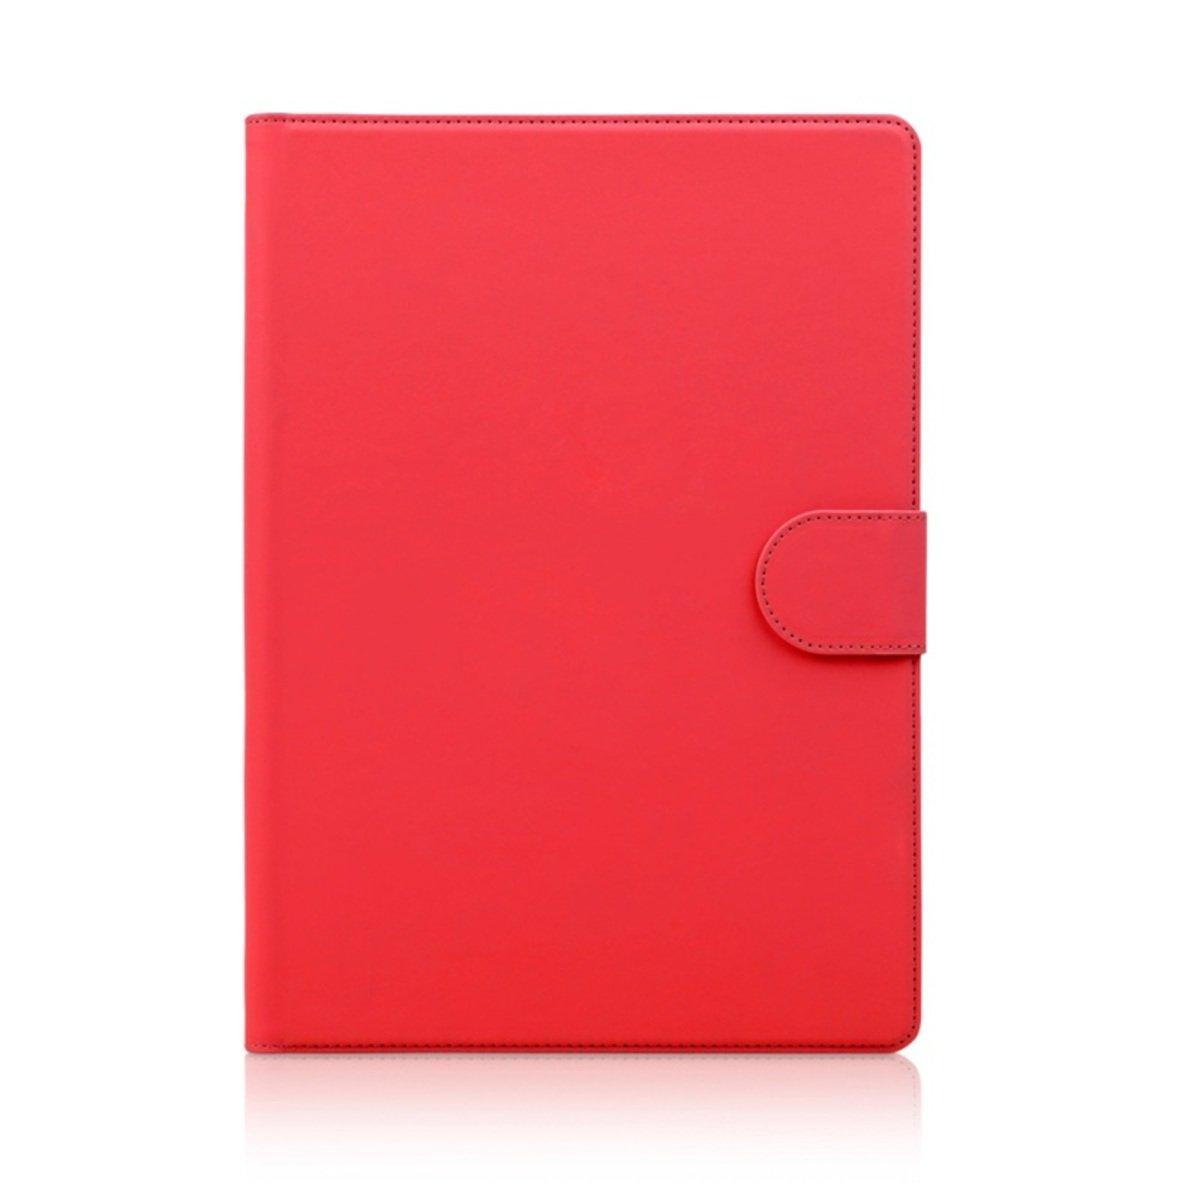 10吋通用平板電腦保護套 (可站立) (紅)